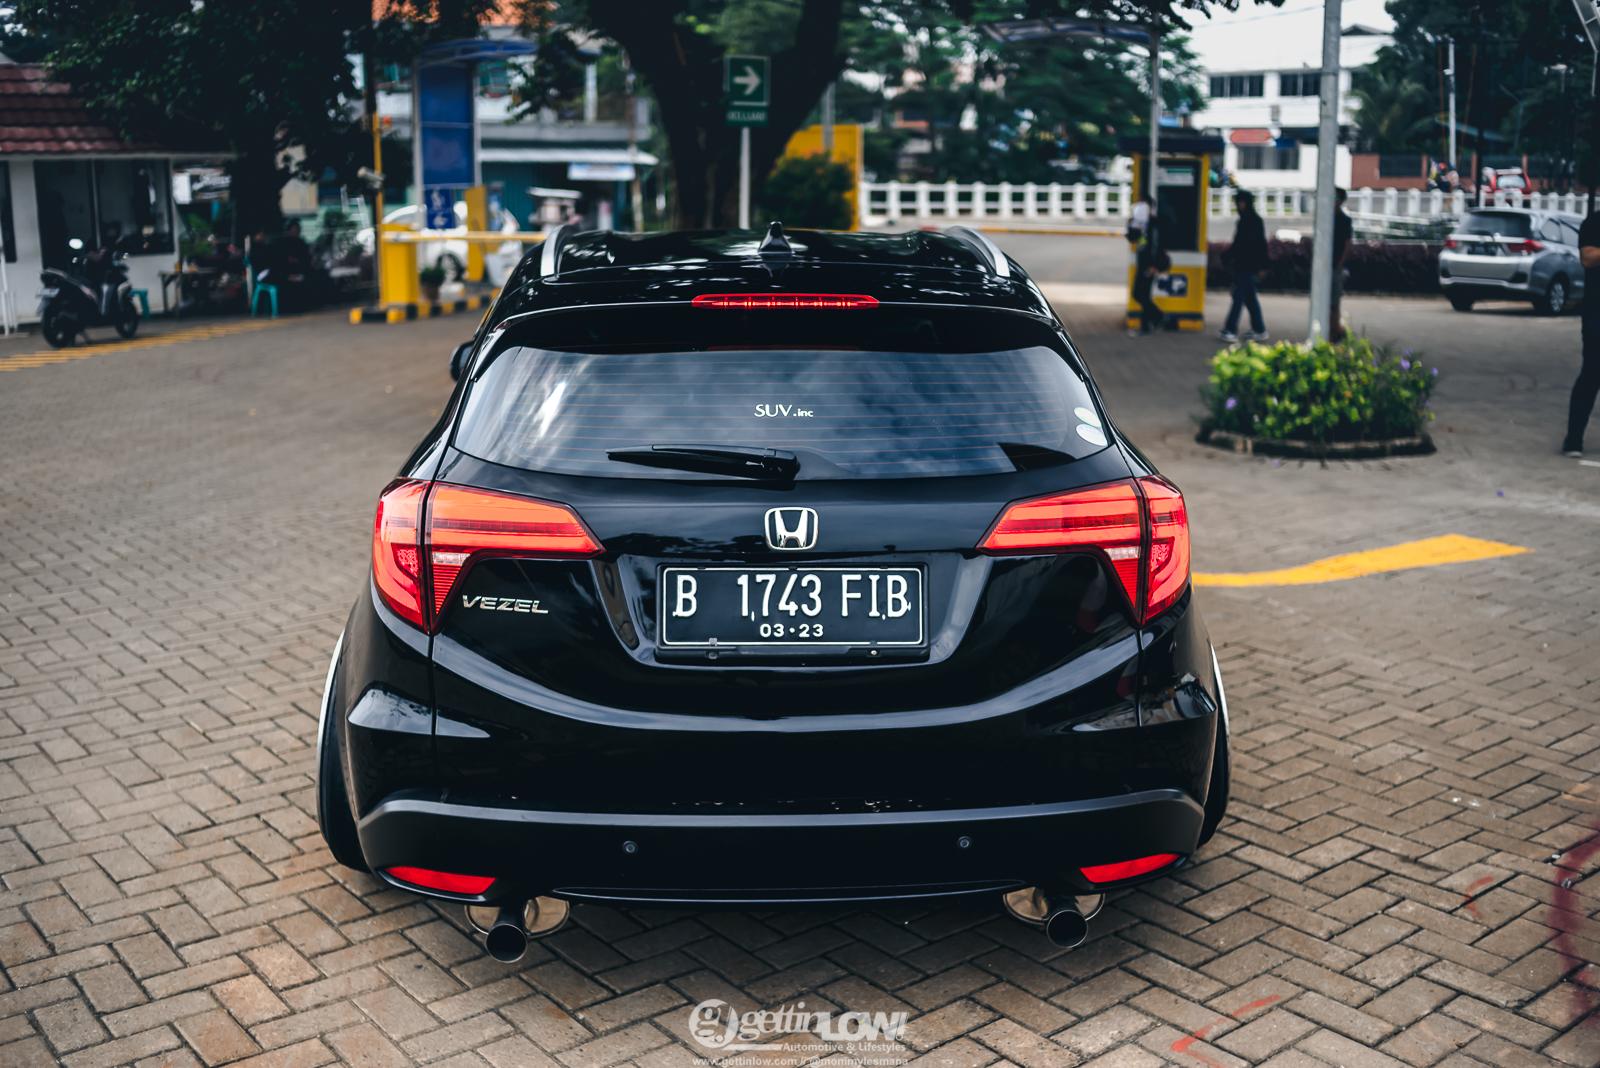 Bagged Honda HRV Vezel